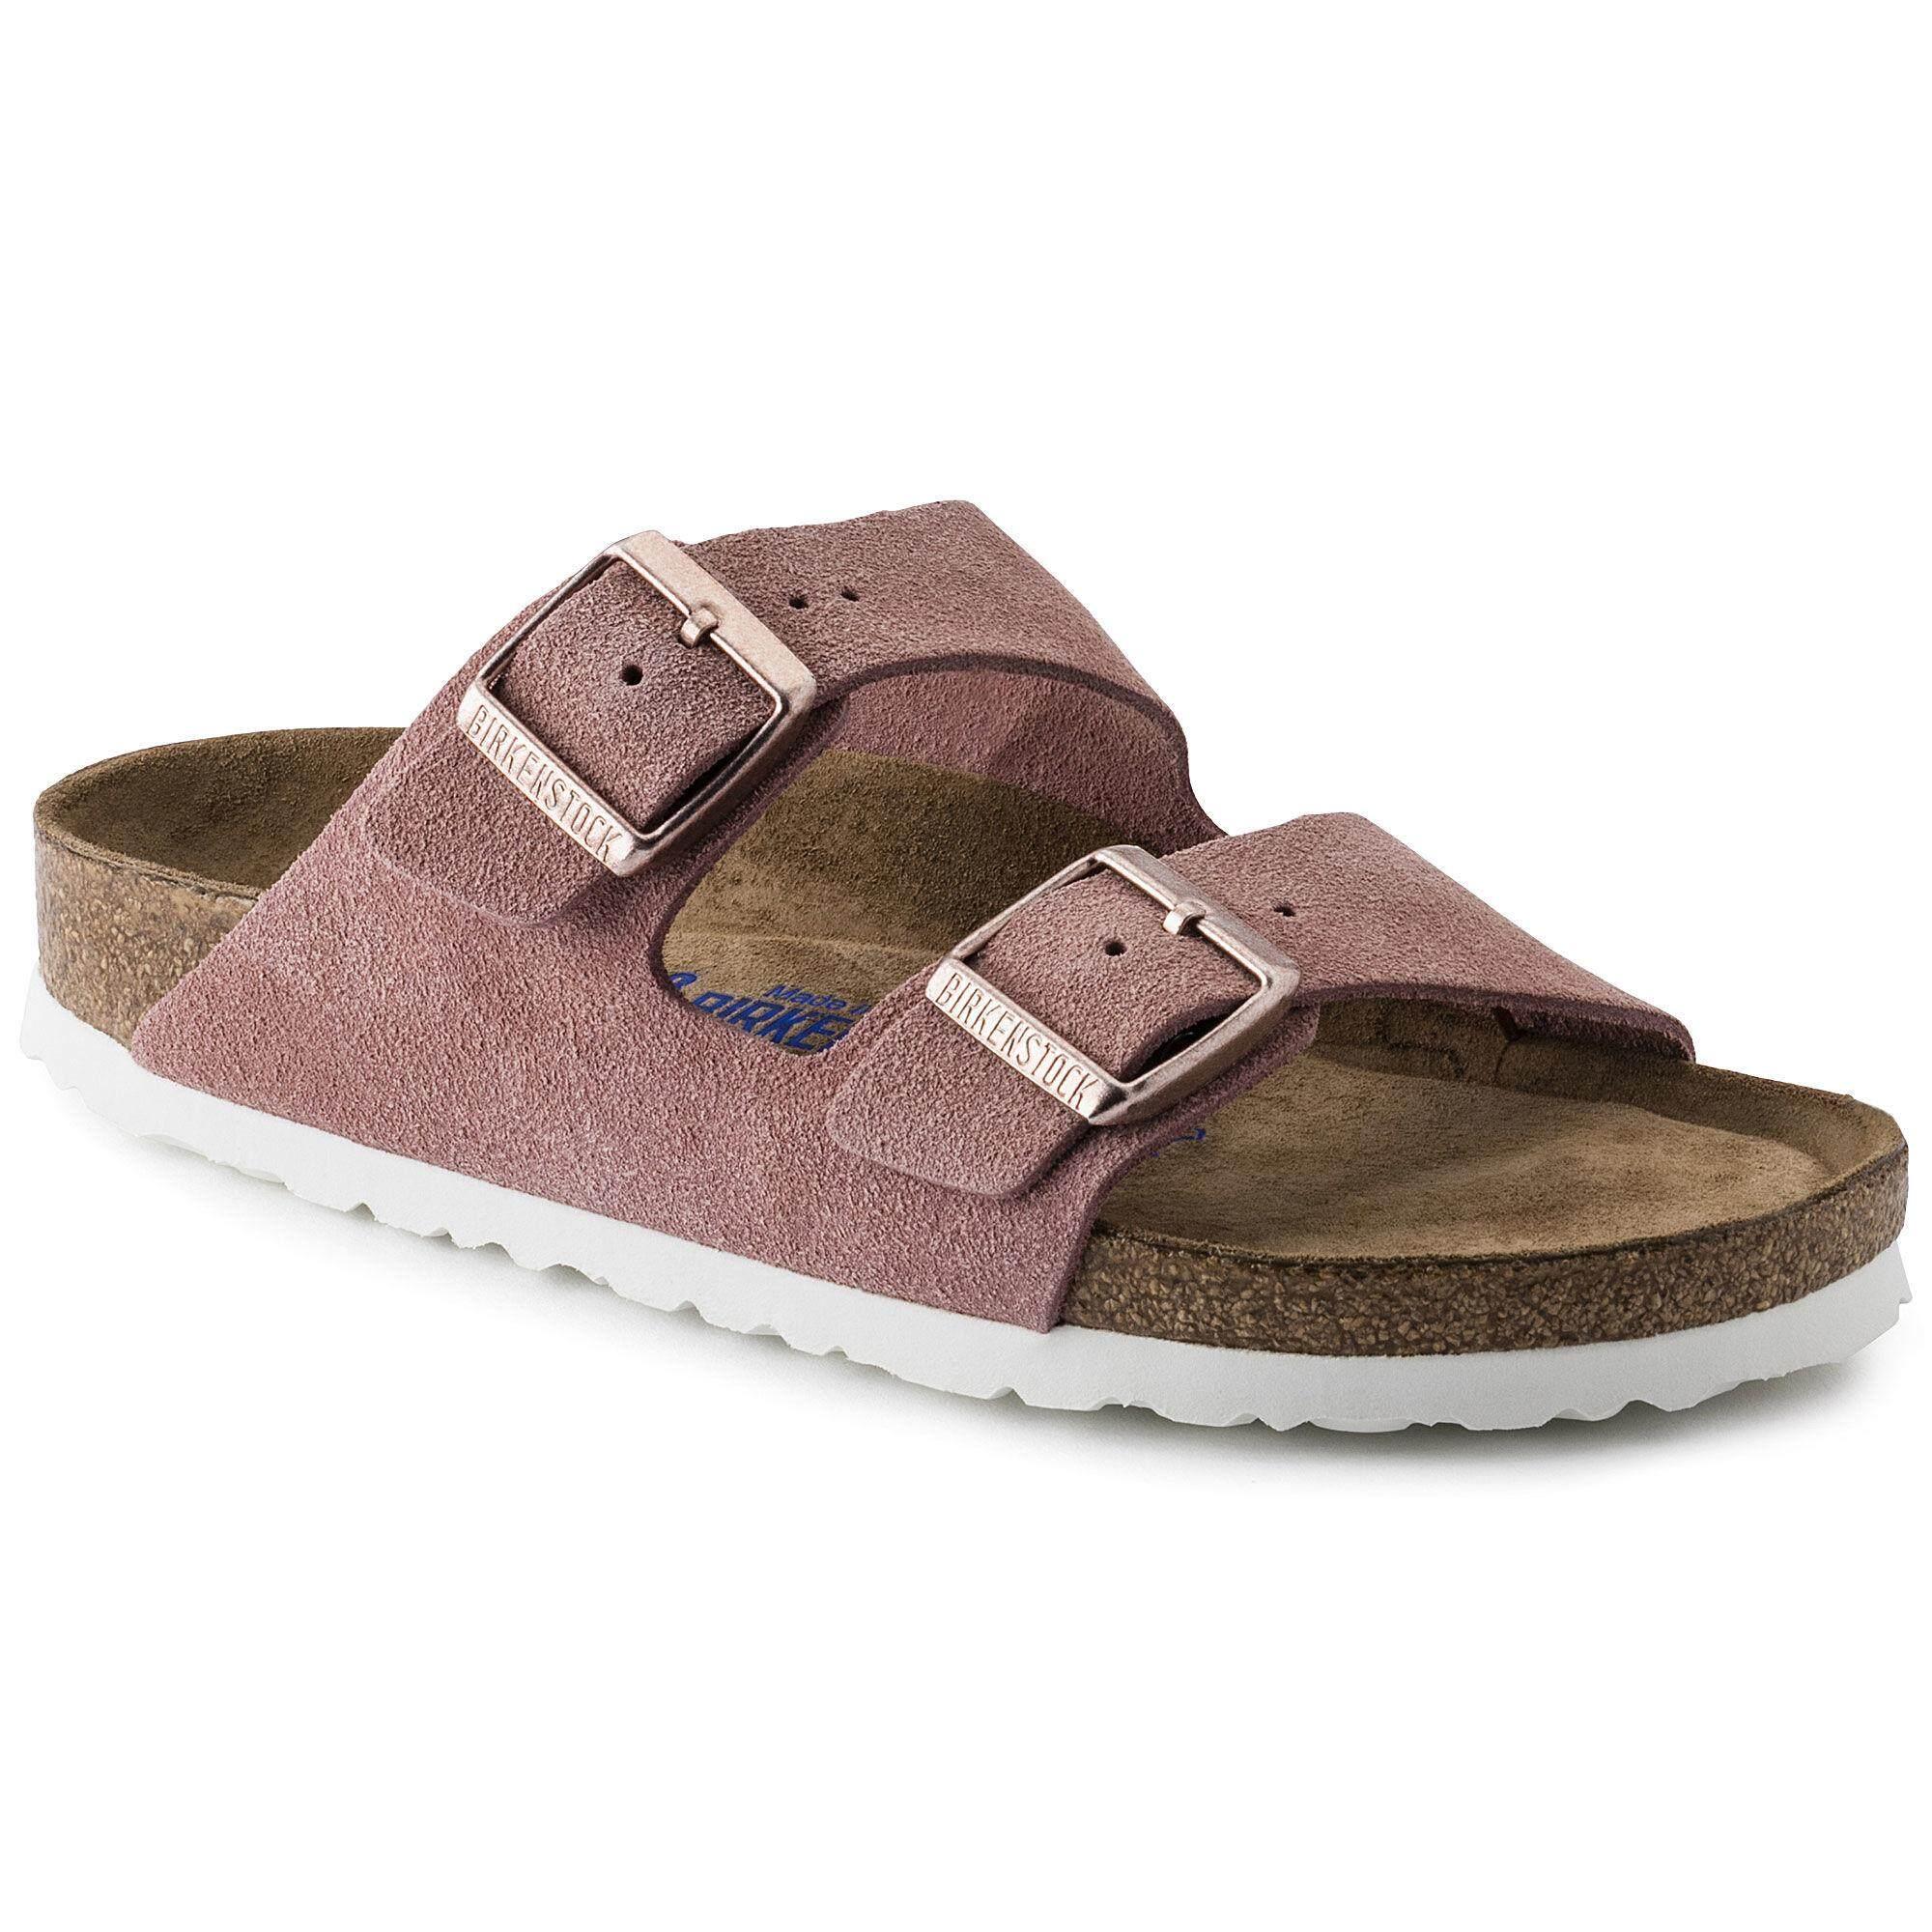 Birkenstocks Men Sandals Women